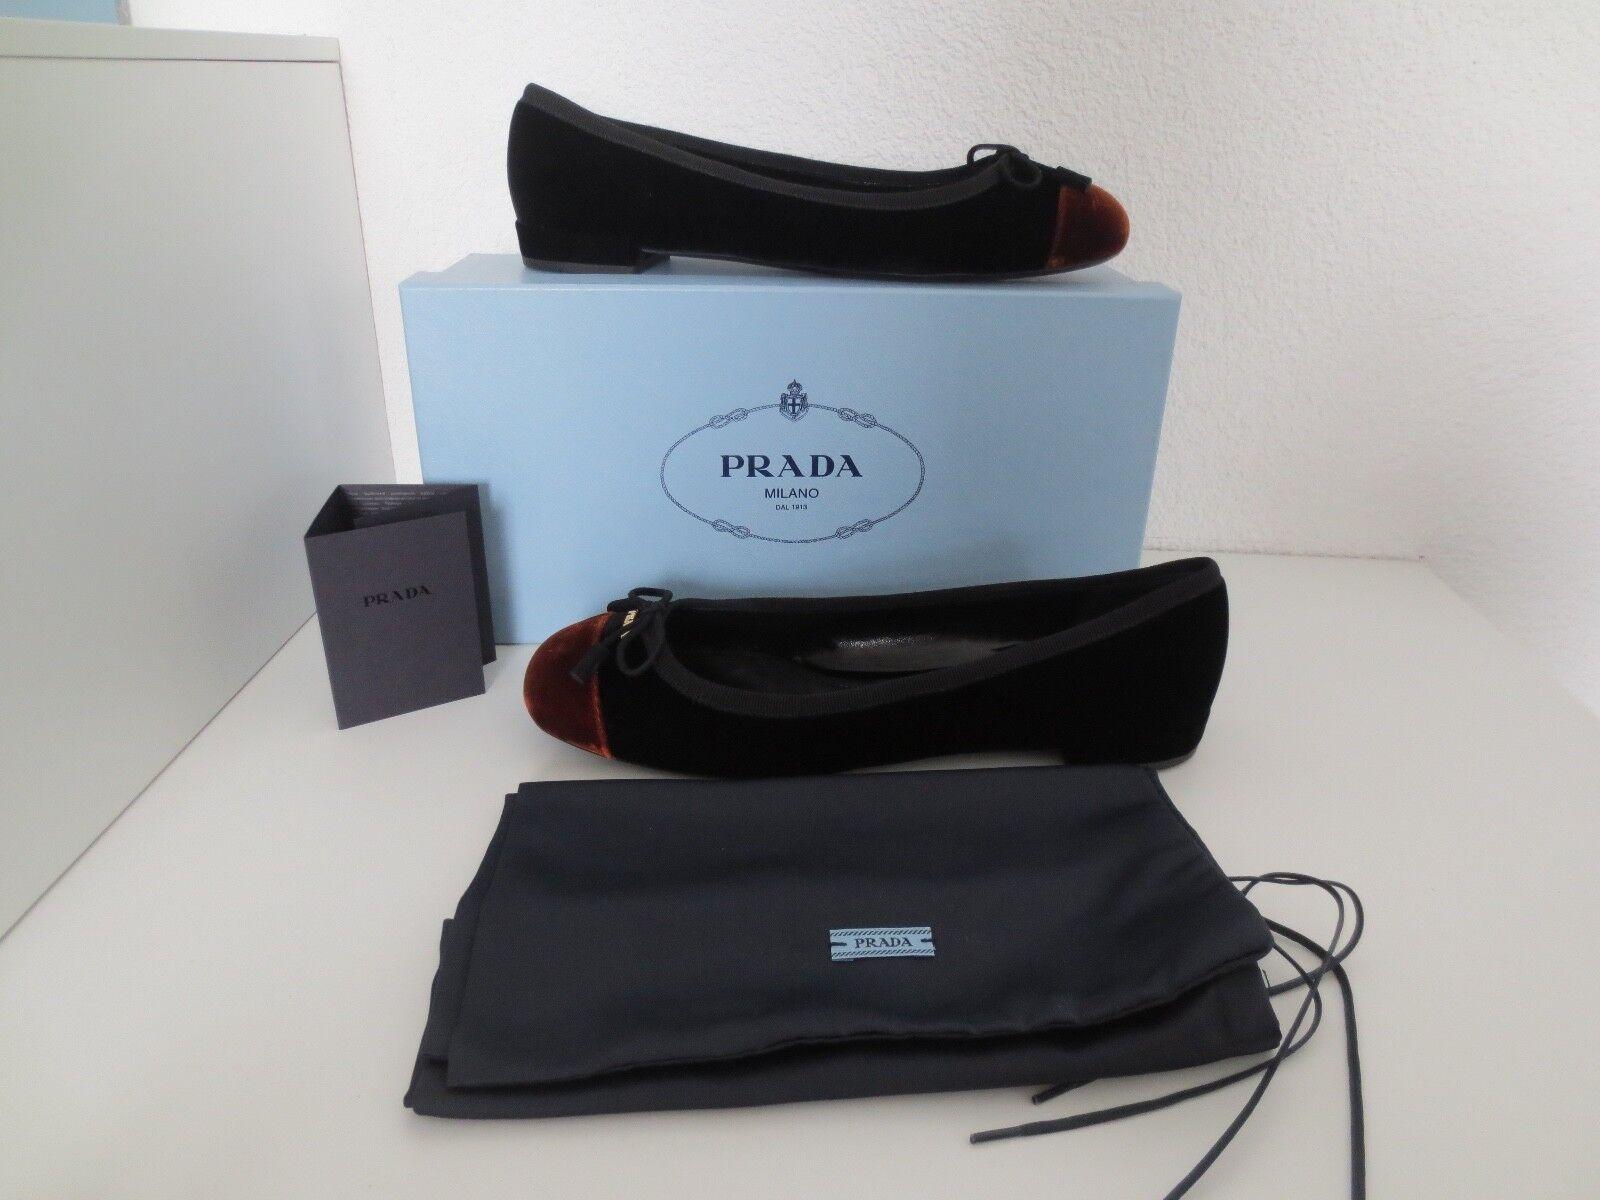 PRADA BALLERINE TG 38,5 Nero/Tabasco BICOLOR velluto Scarpe in pelle ballerina